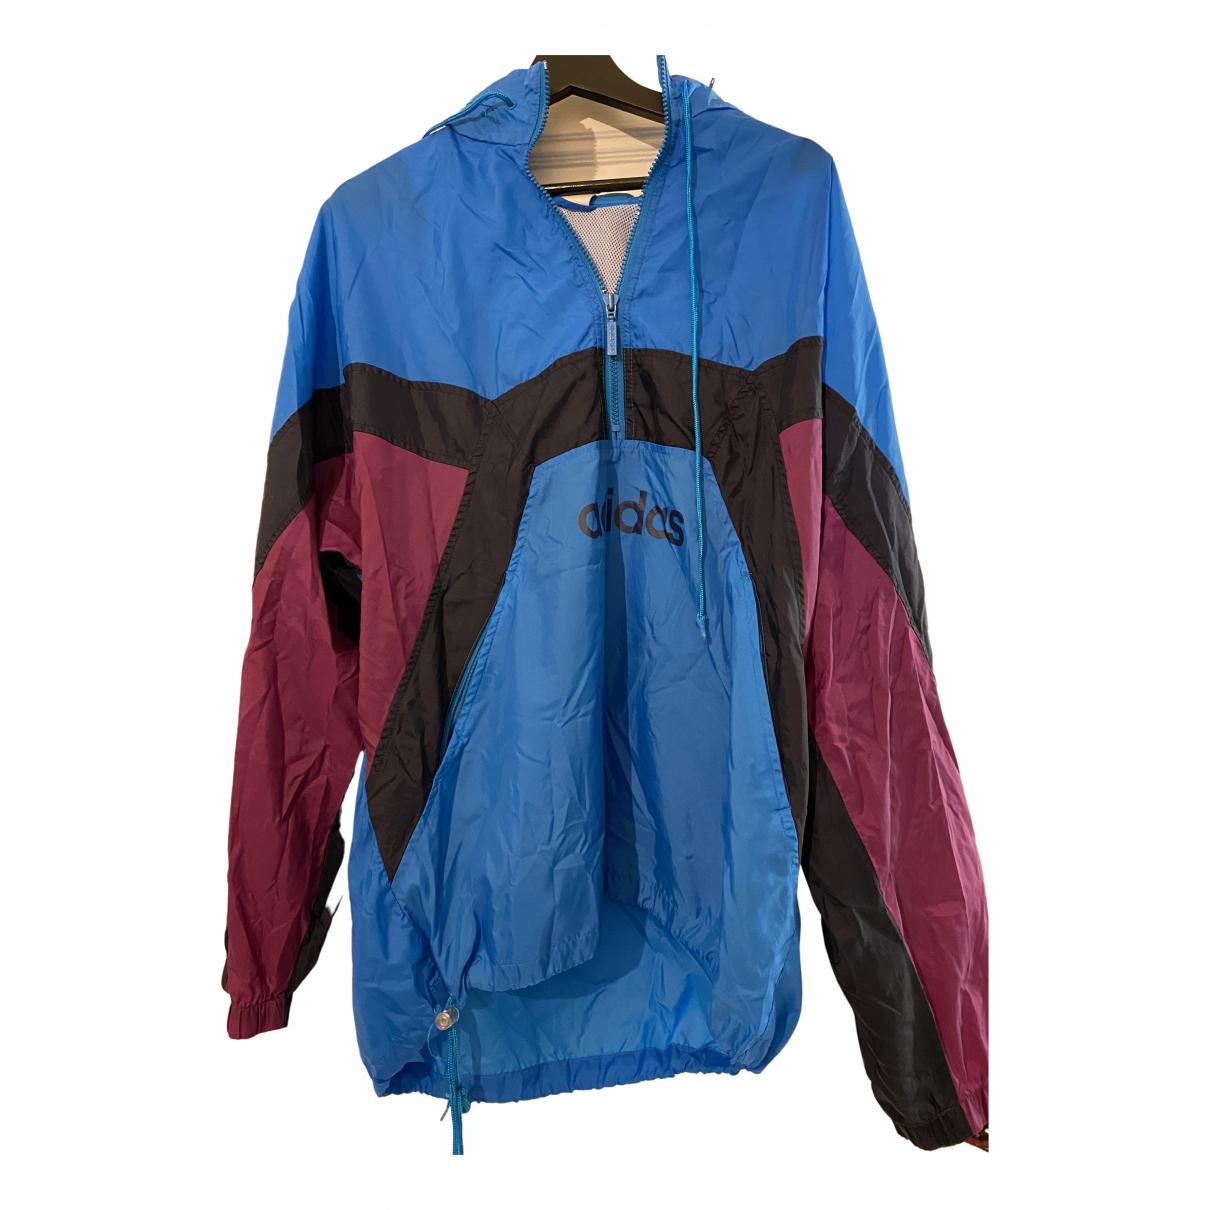 Adidas - Vestes.Blousons   pour homme - bleu